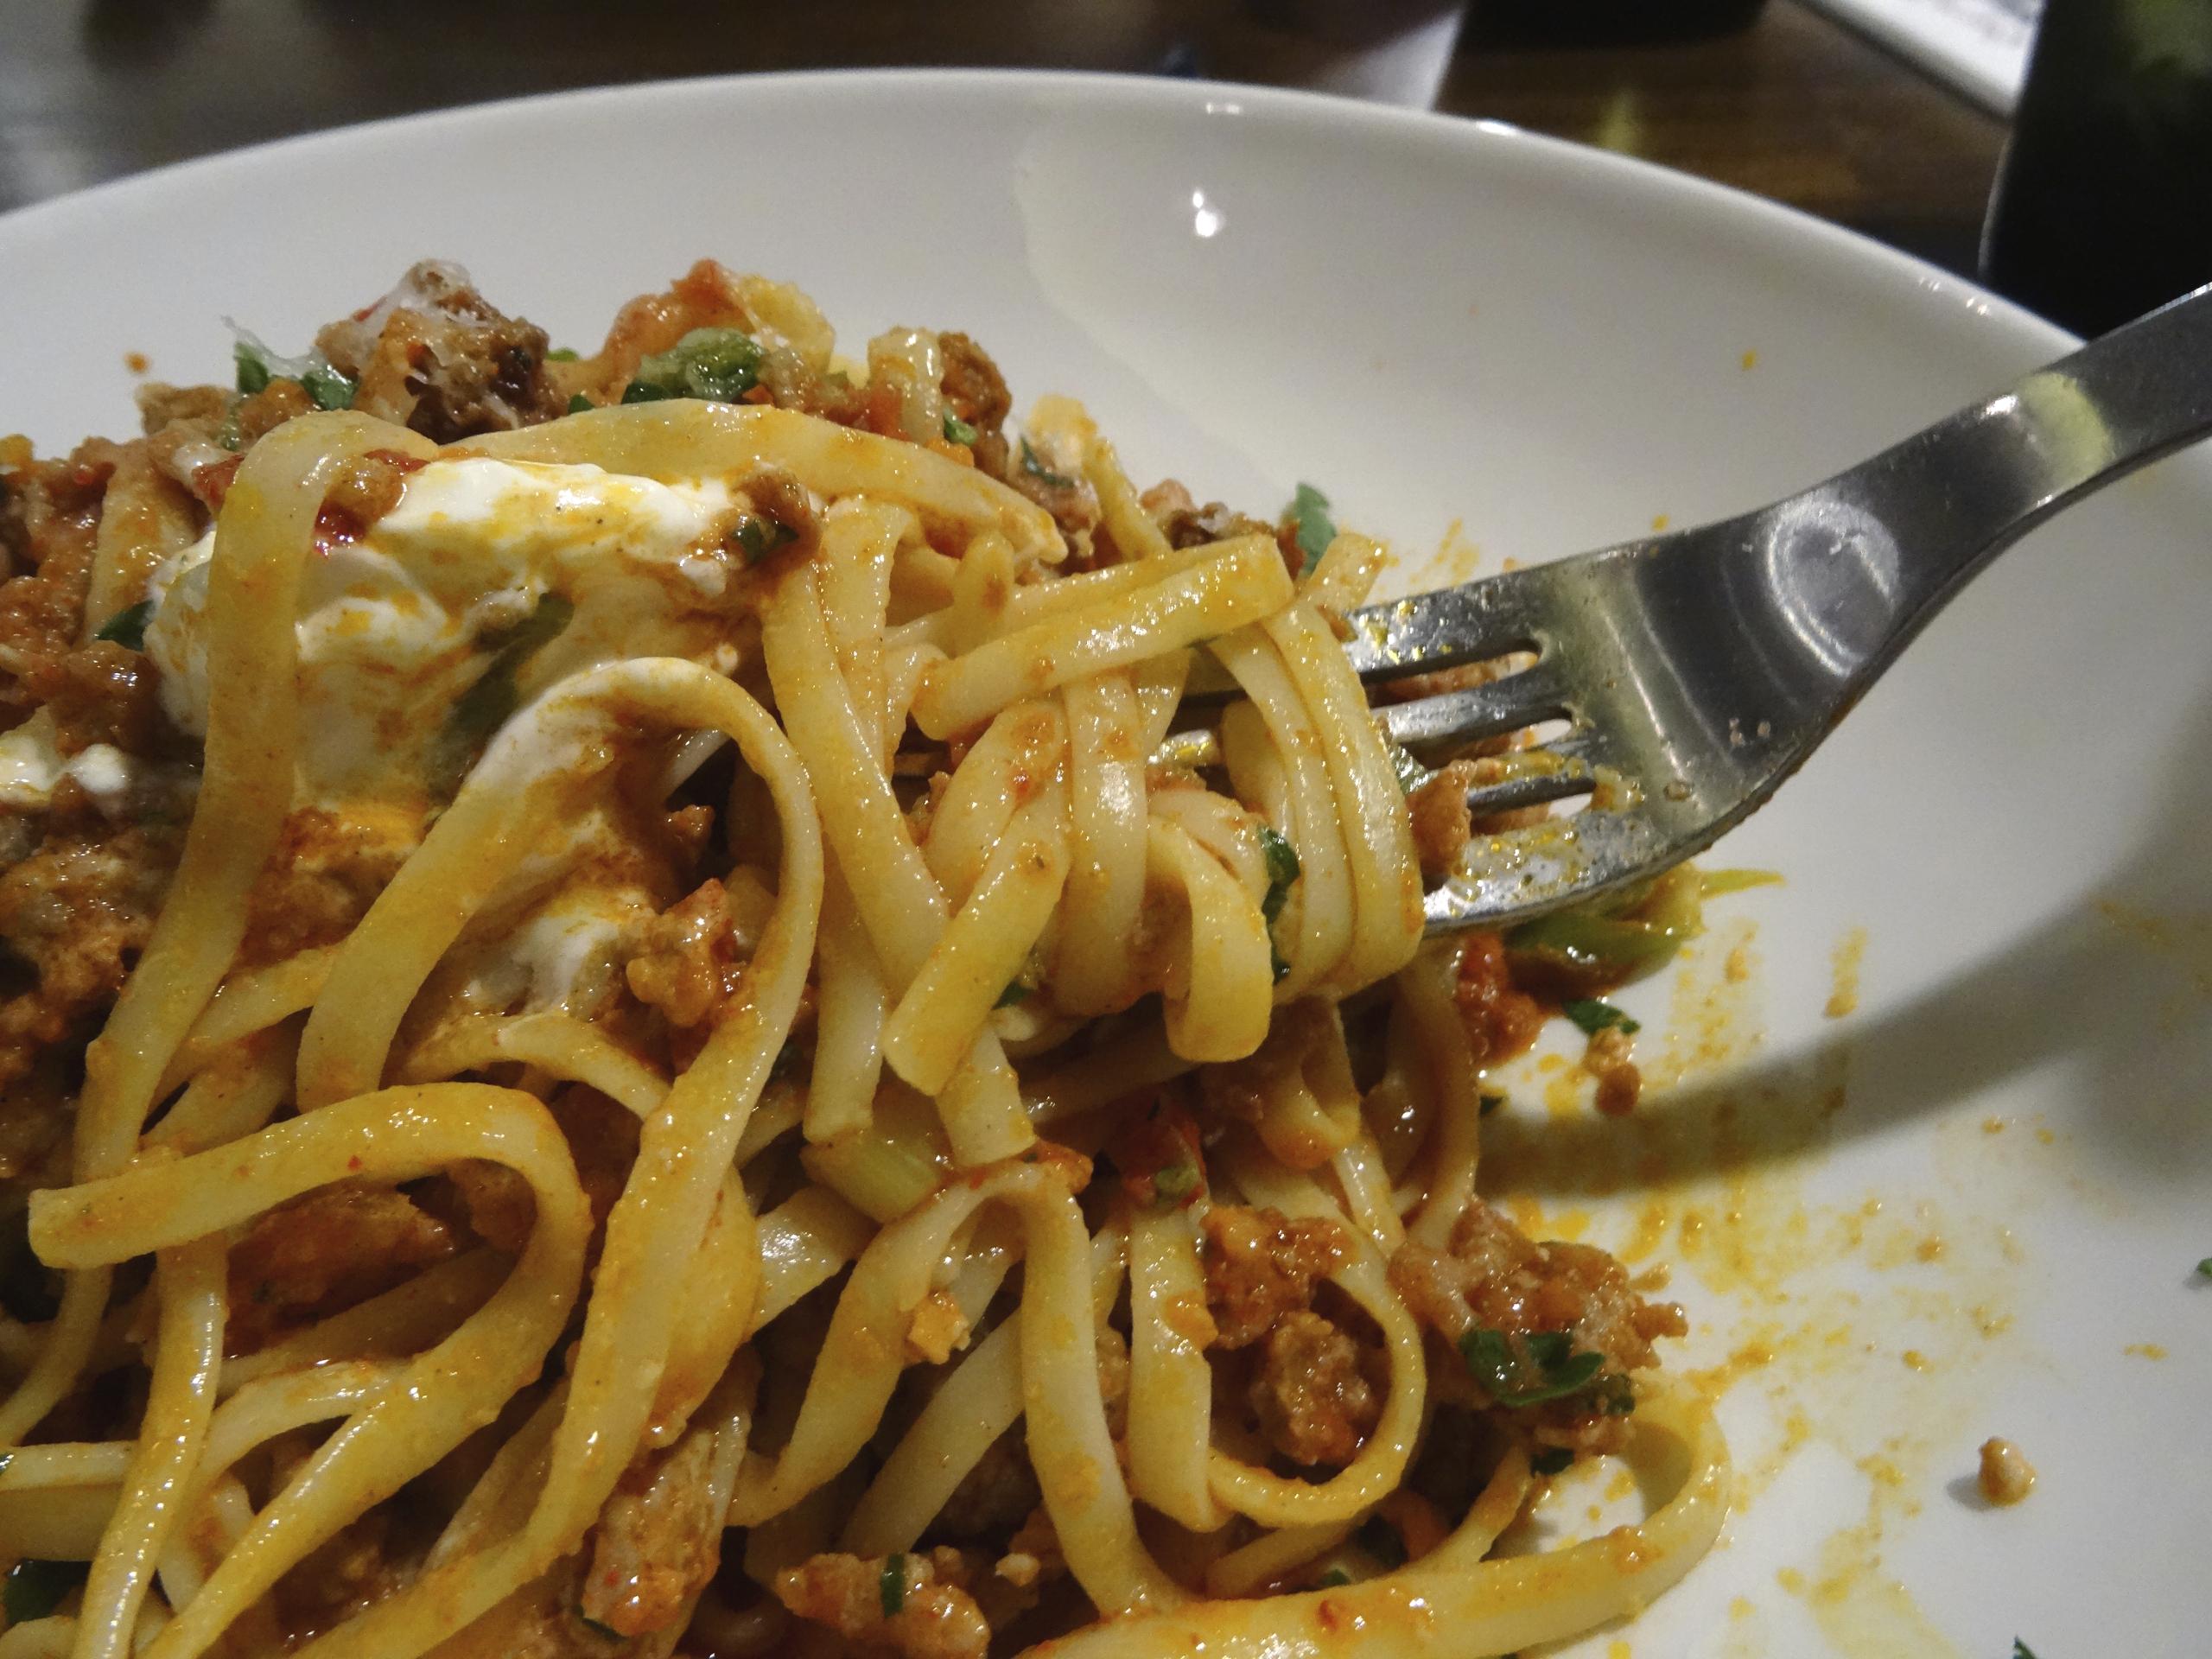 Tagliatelle con boloñesa y mozzarella